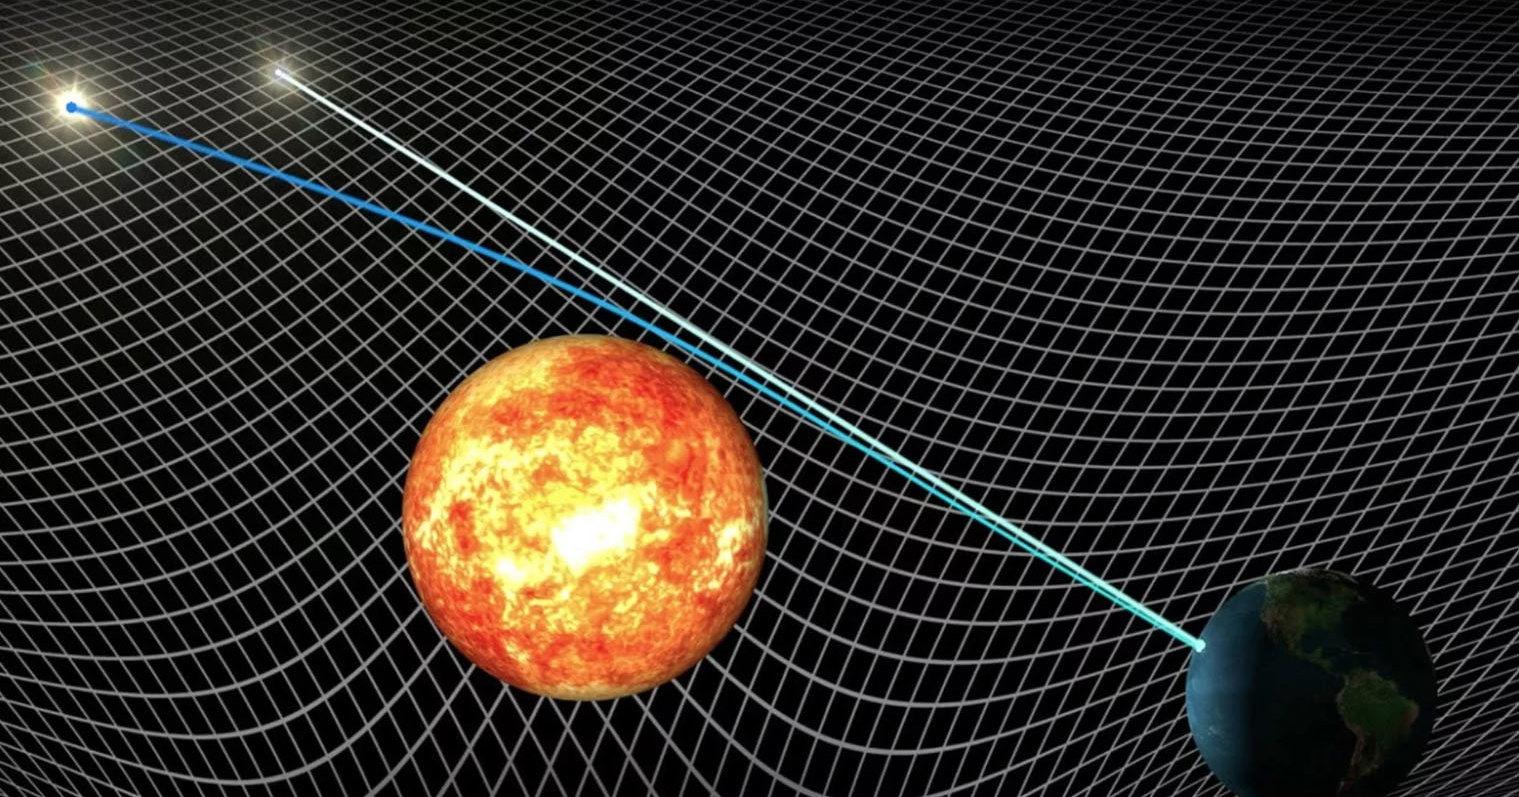 100 лет назад была впервые проверена теория относительности